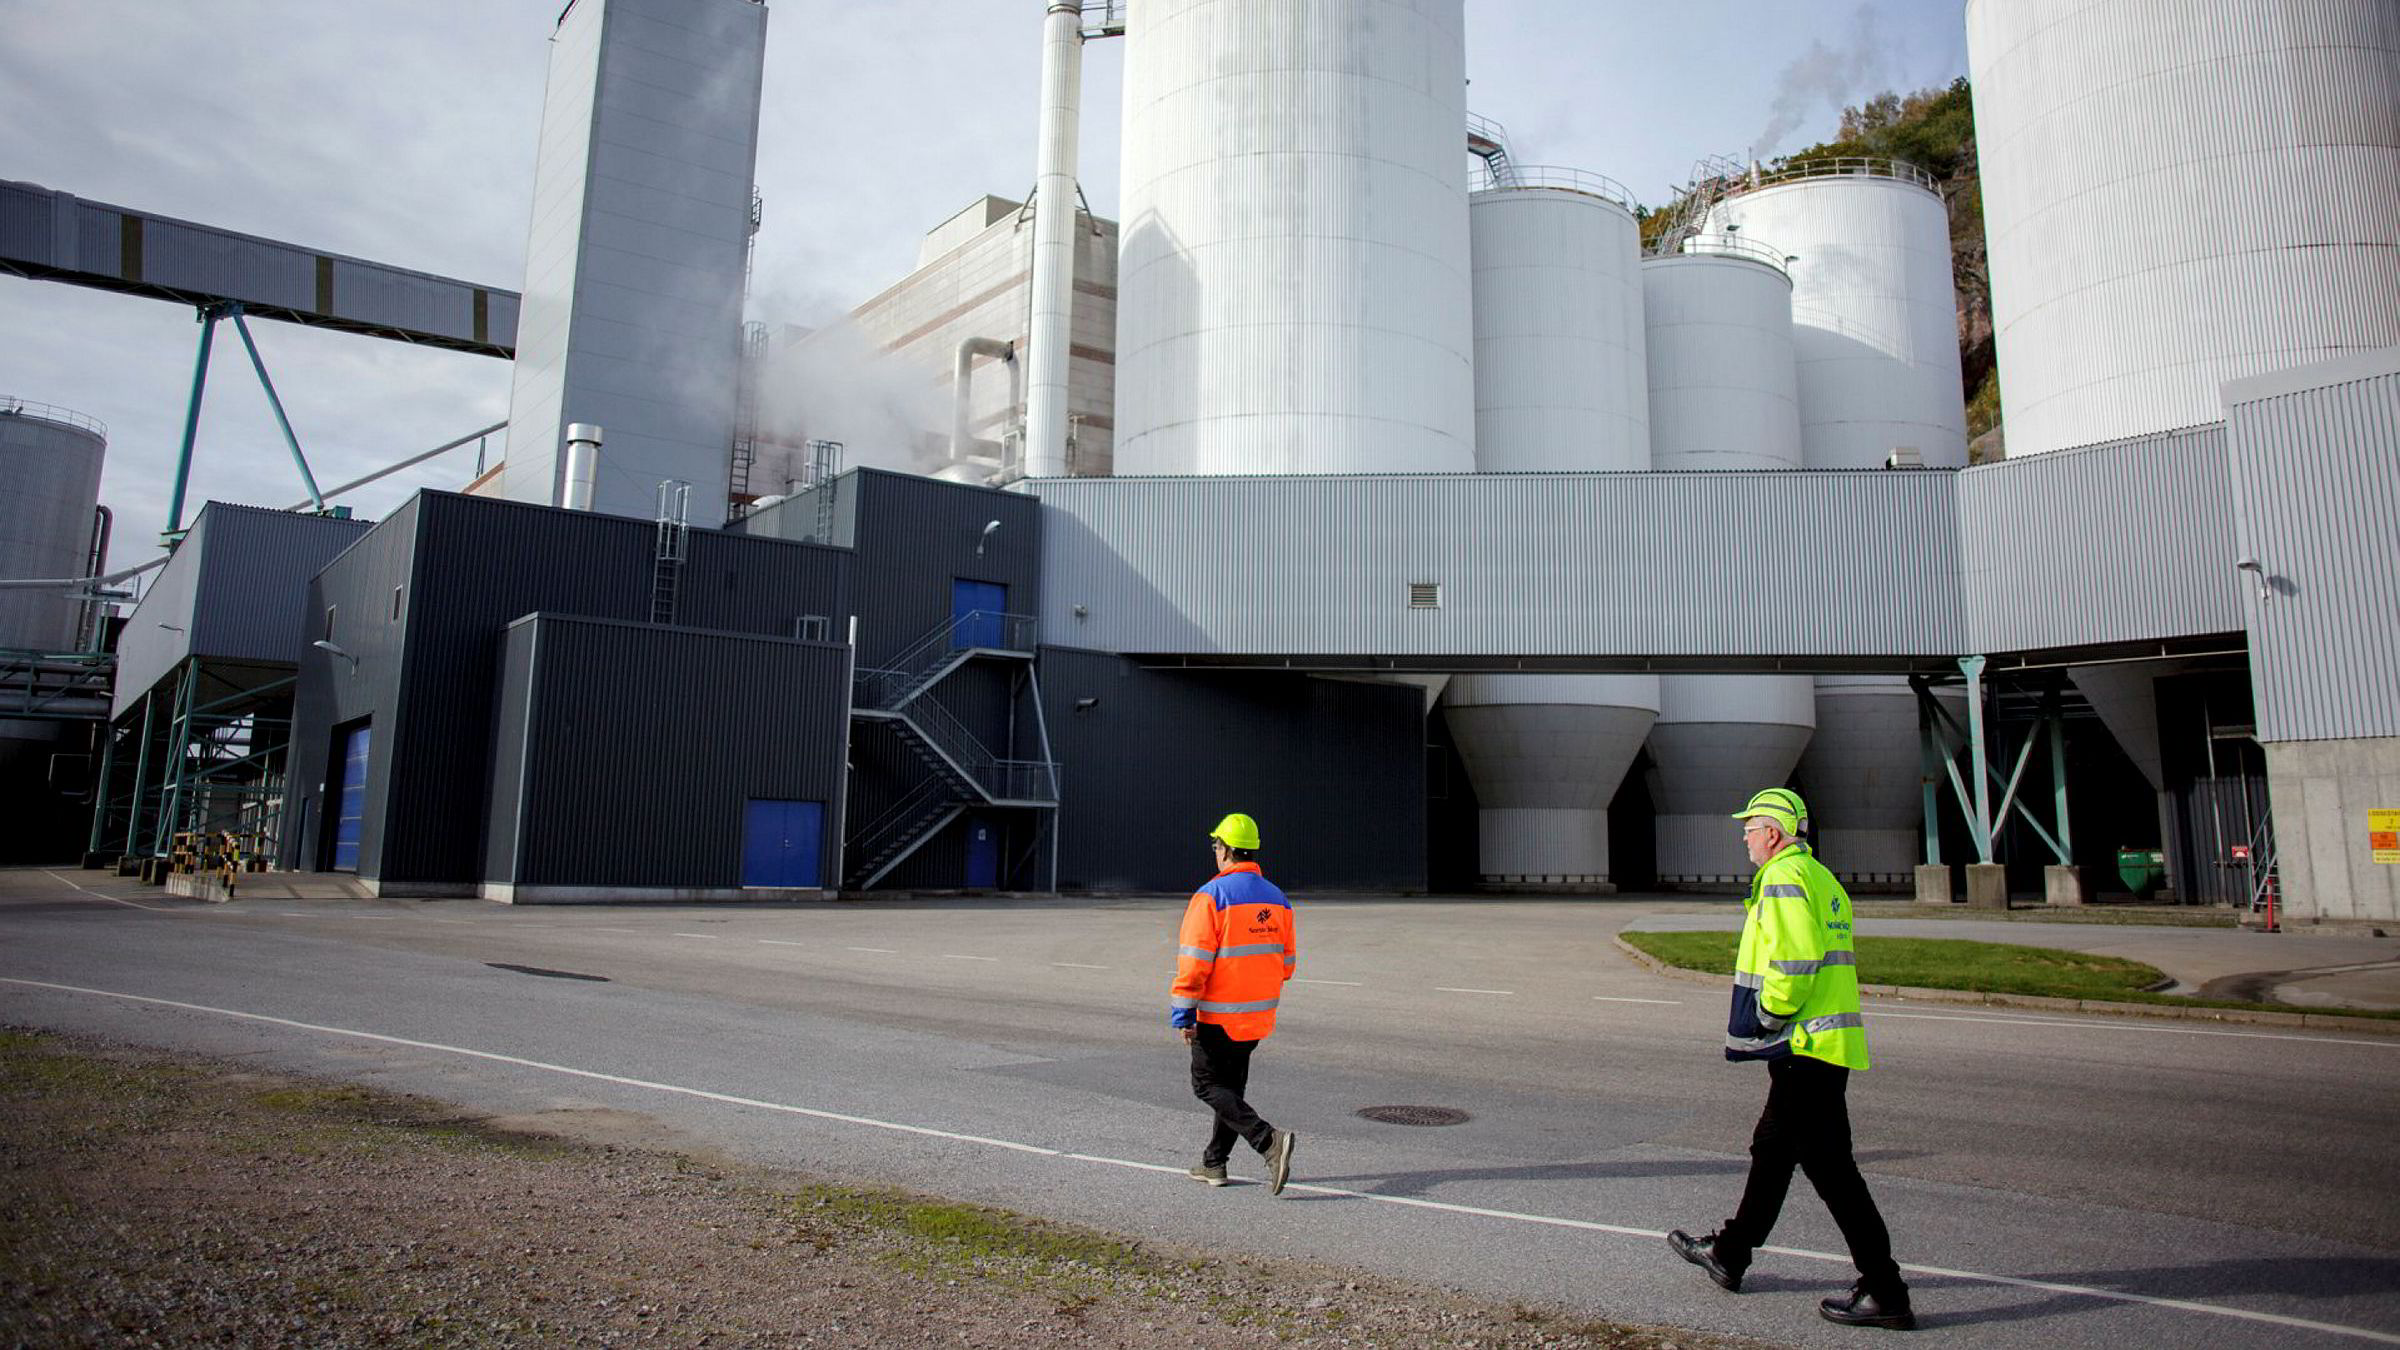 Den største eieren av usikret gjeld i Norske Skog avviser styrets siste redninsgplan. Dermed kan det gå mot konkurs i det kriserammede selskapet. Bildet er fra Norske Skog Sugbrugs i Halden.